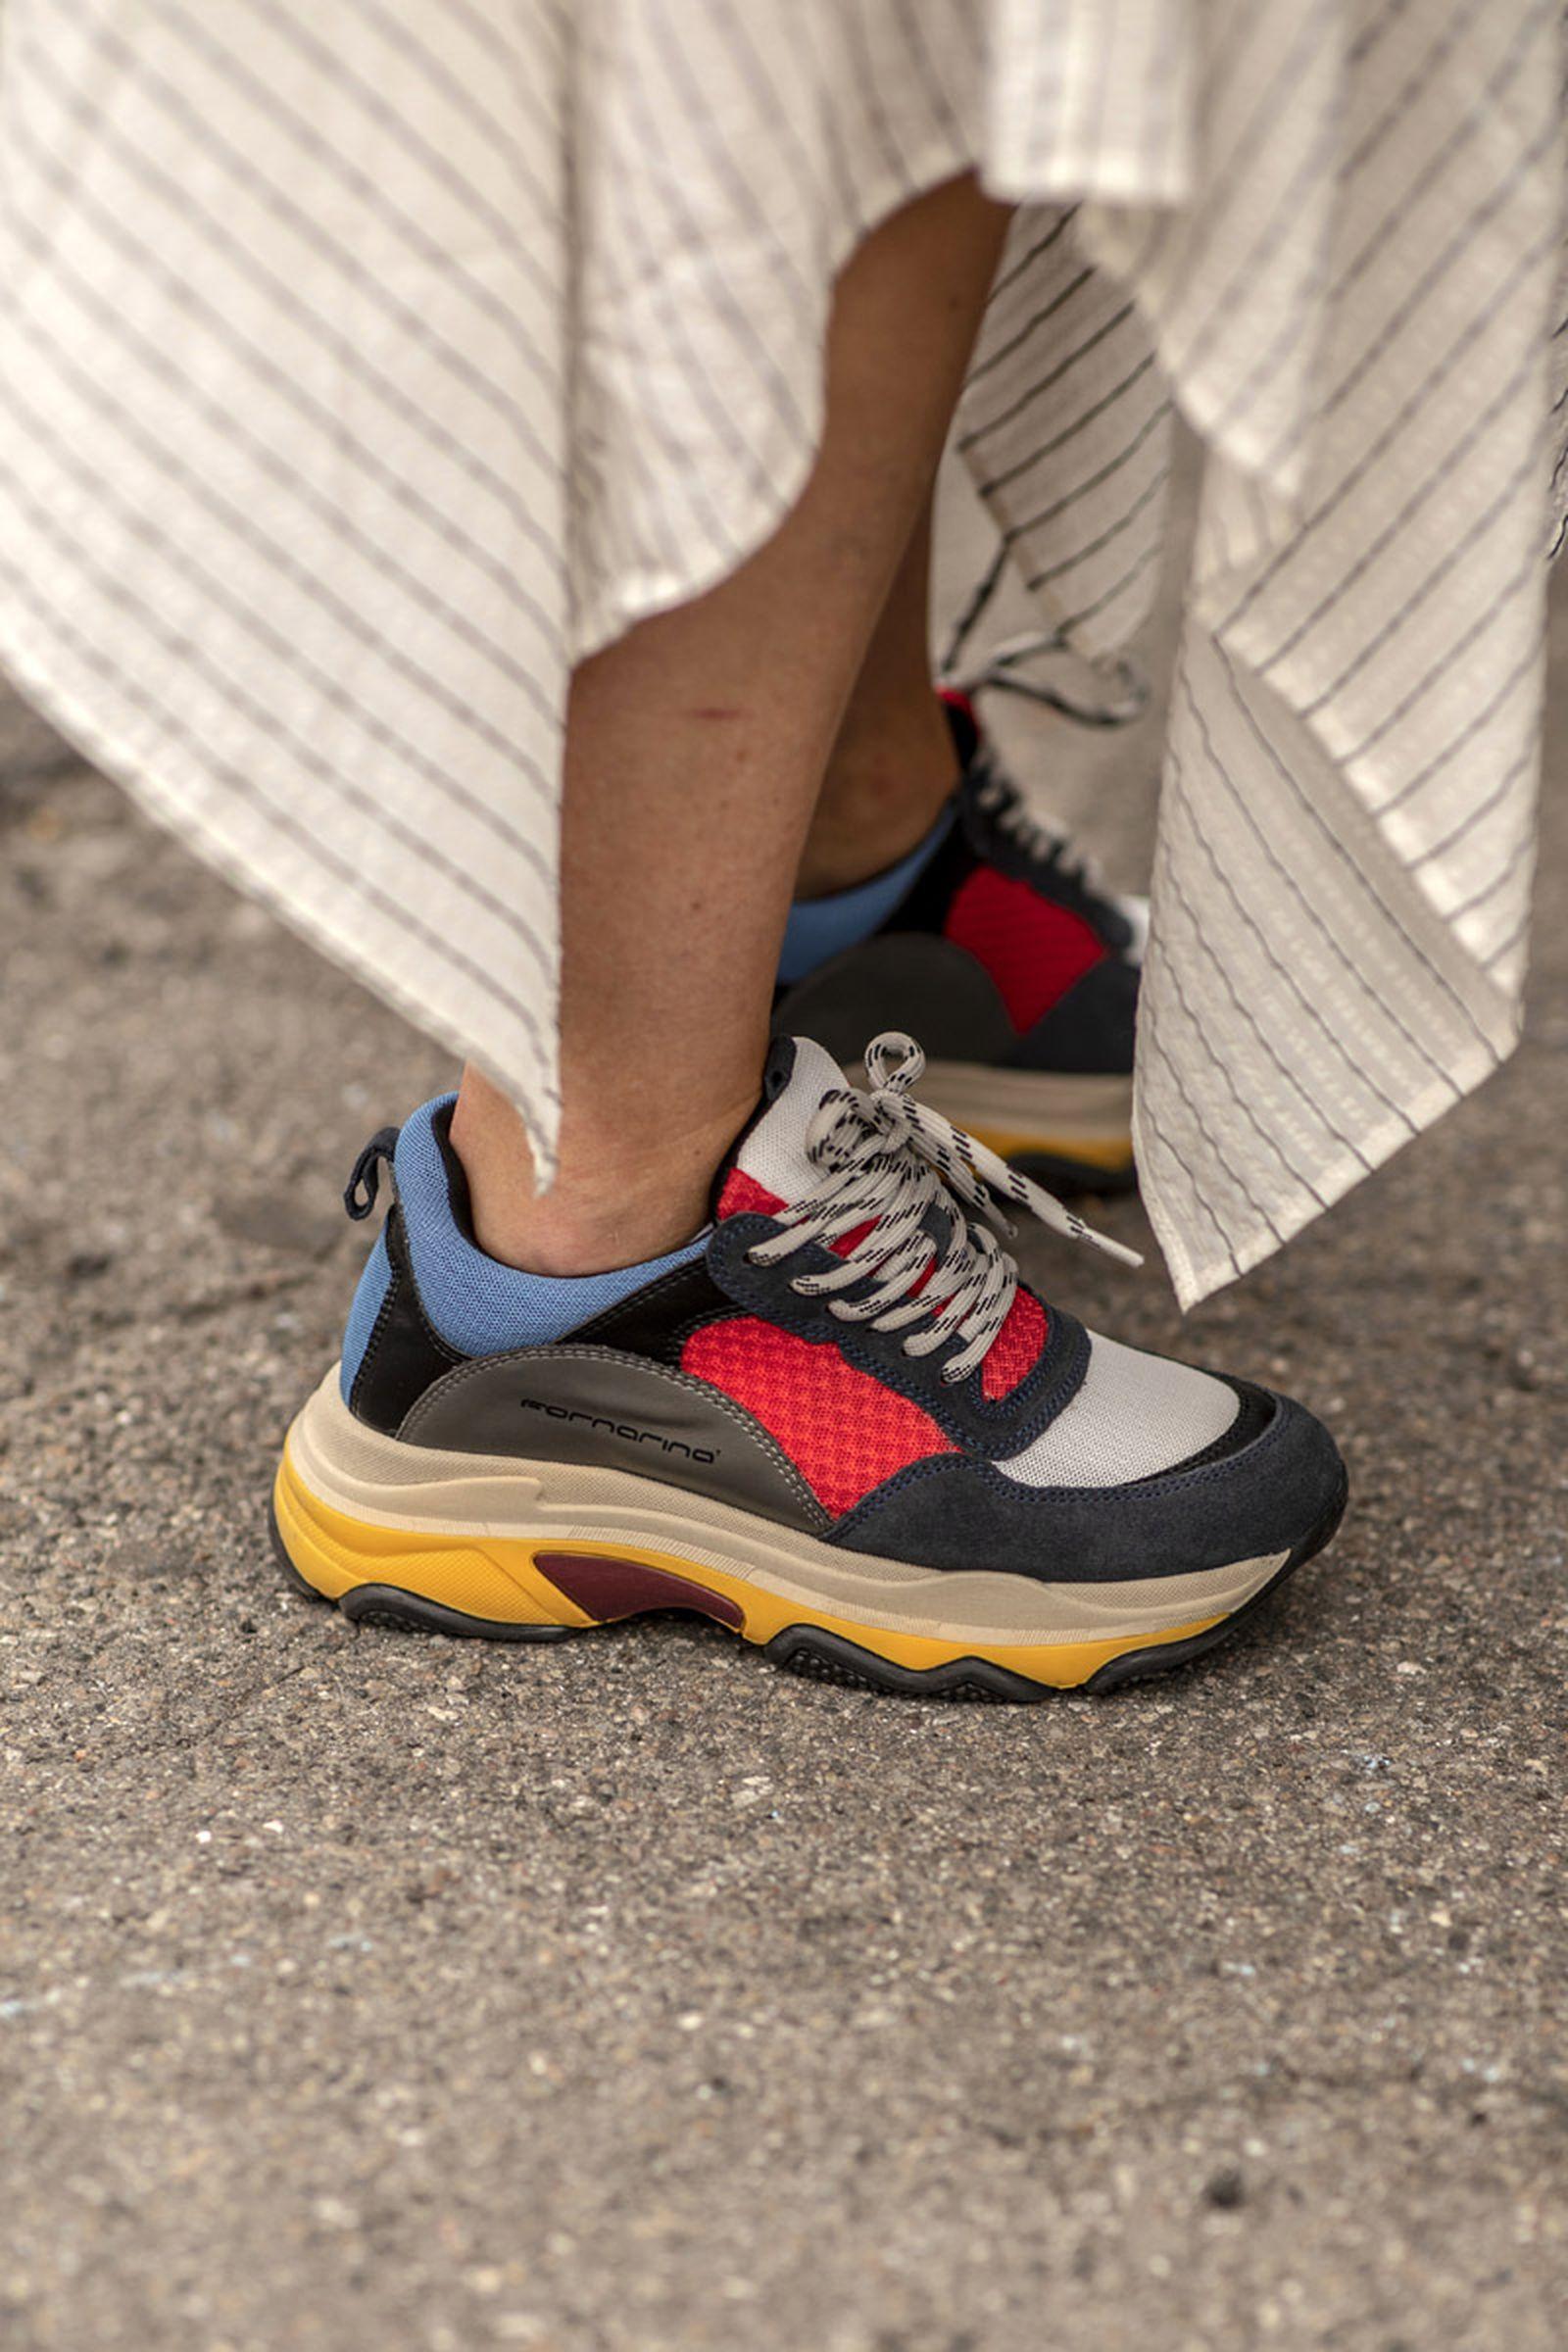 best sneakers copenhagen fashion week Sneaker sreet style